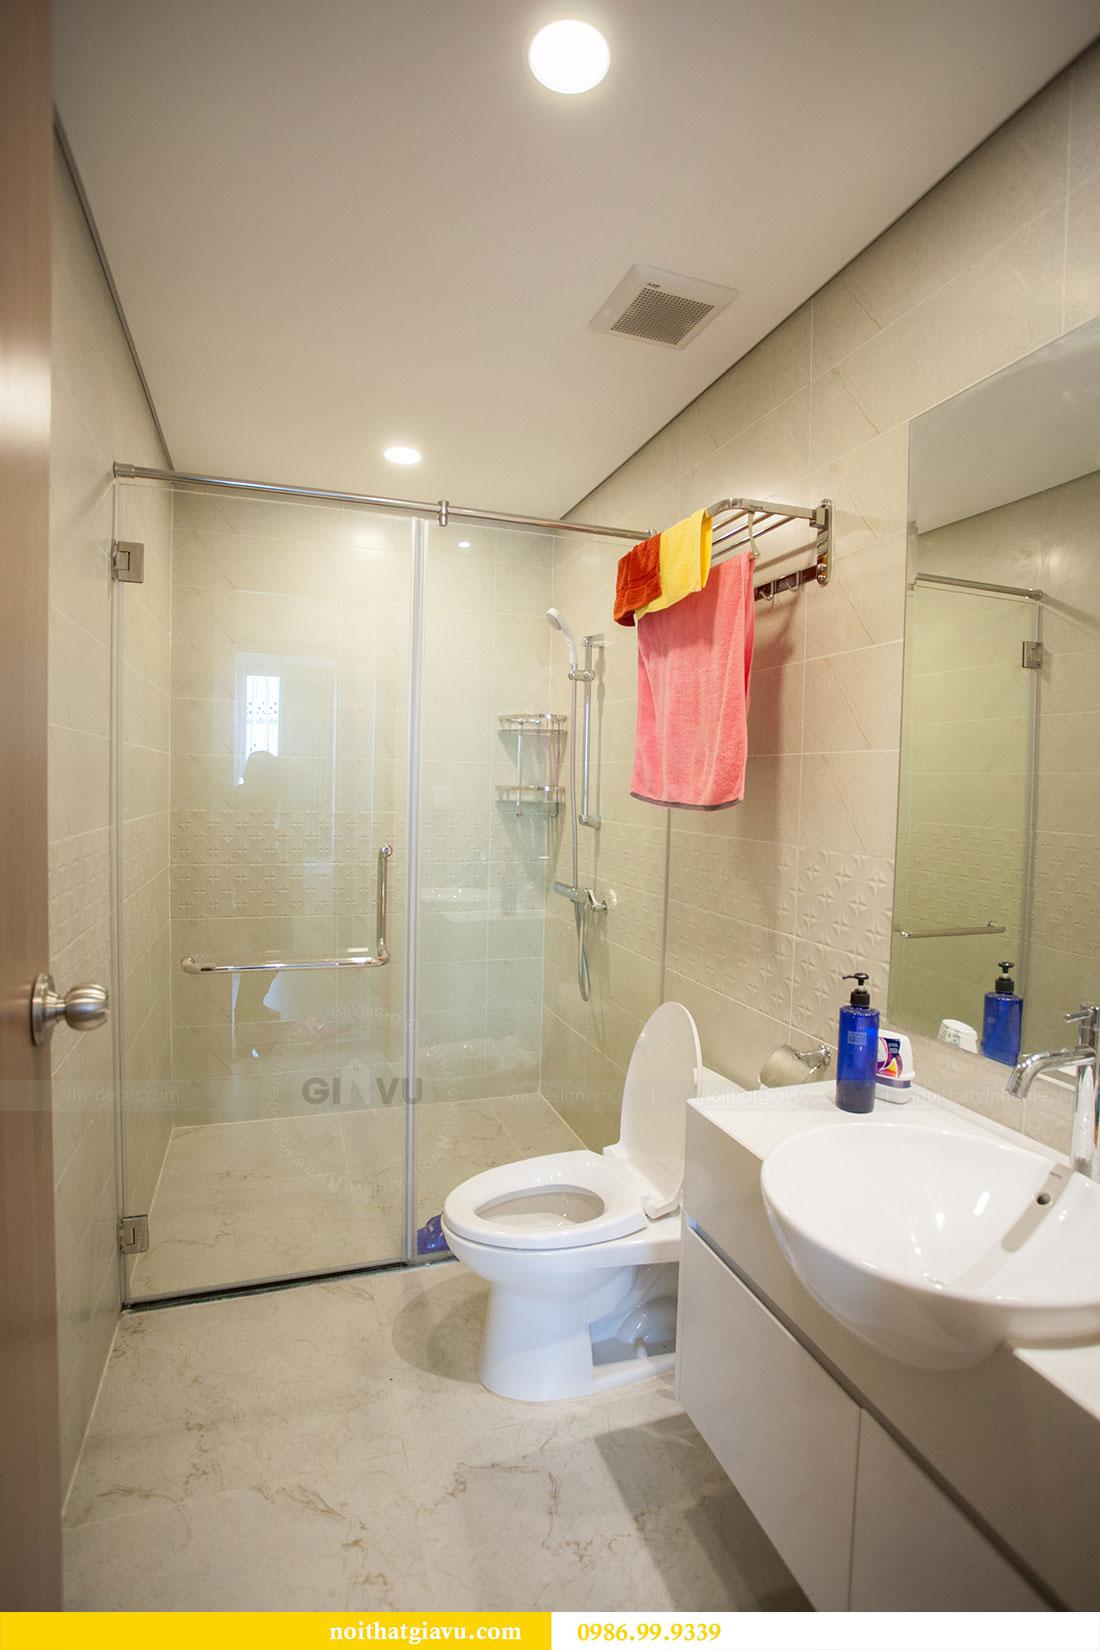 Thi công hoàn thiện nội thất chung cư Gardenia căn 21 tòa A3 16